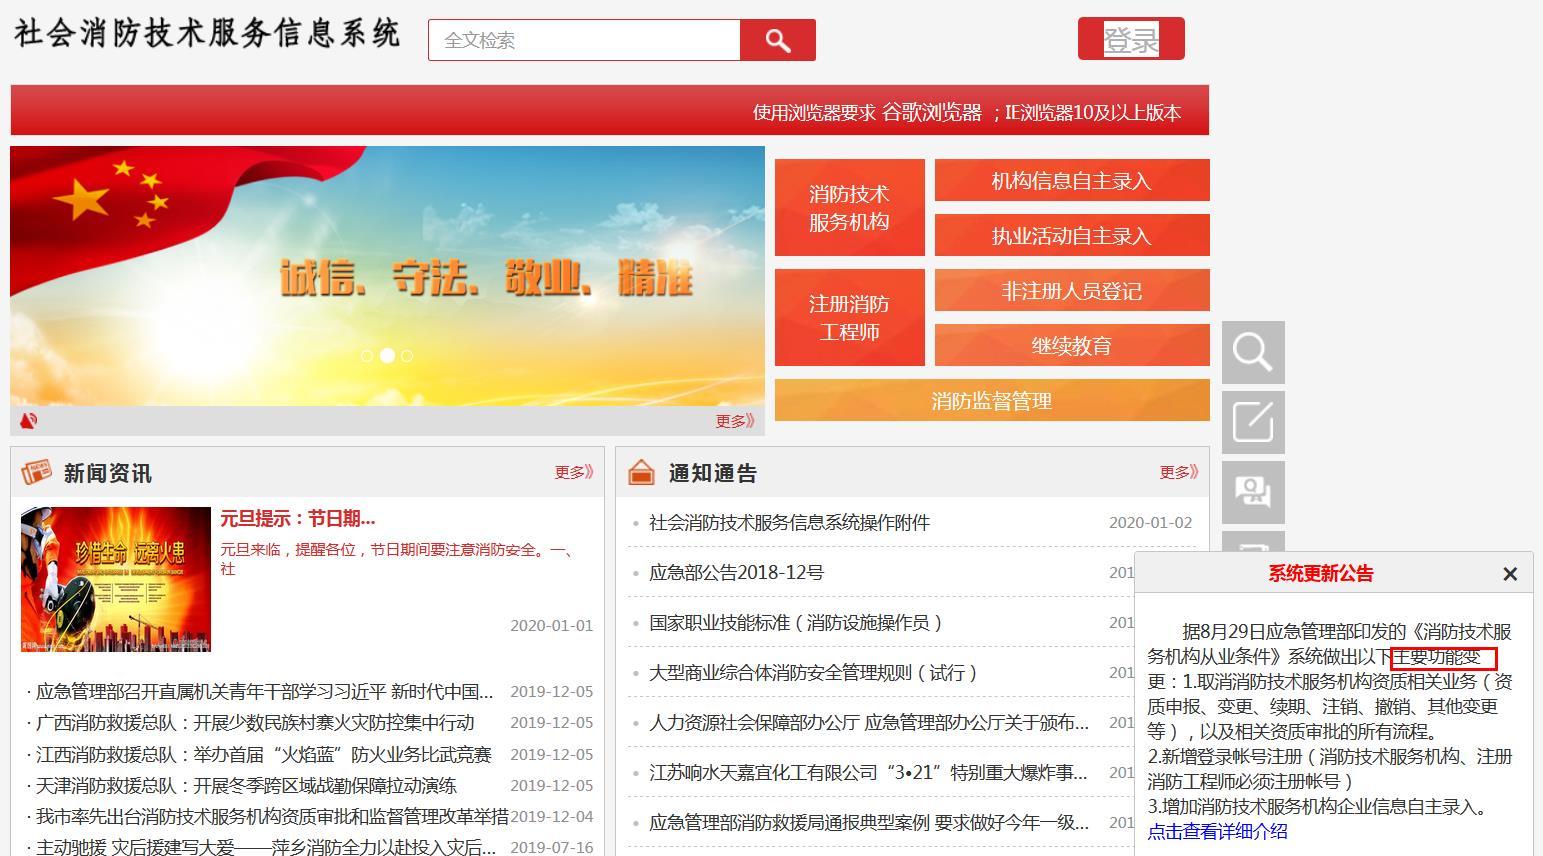 社會消防技術服務信(xin)息系統操作附(fu)件(jian).png